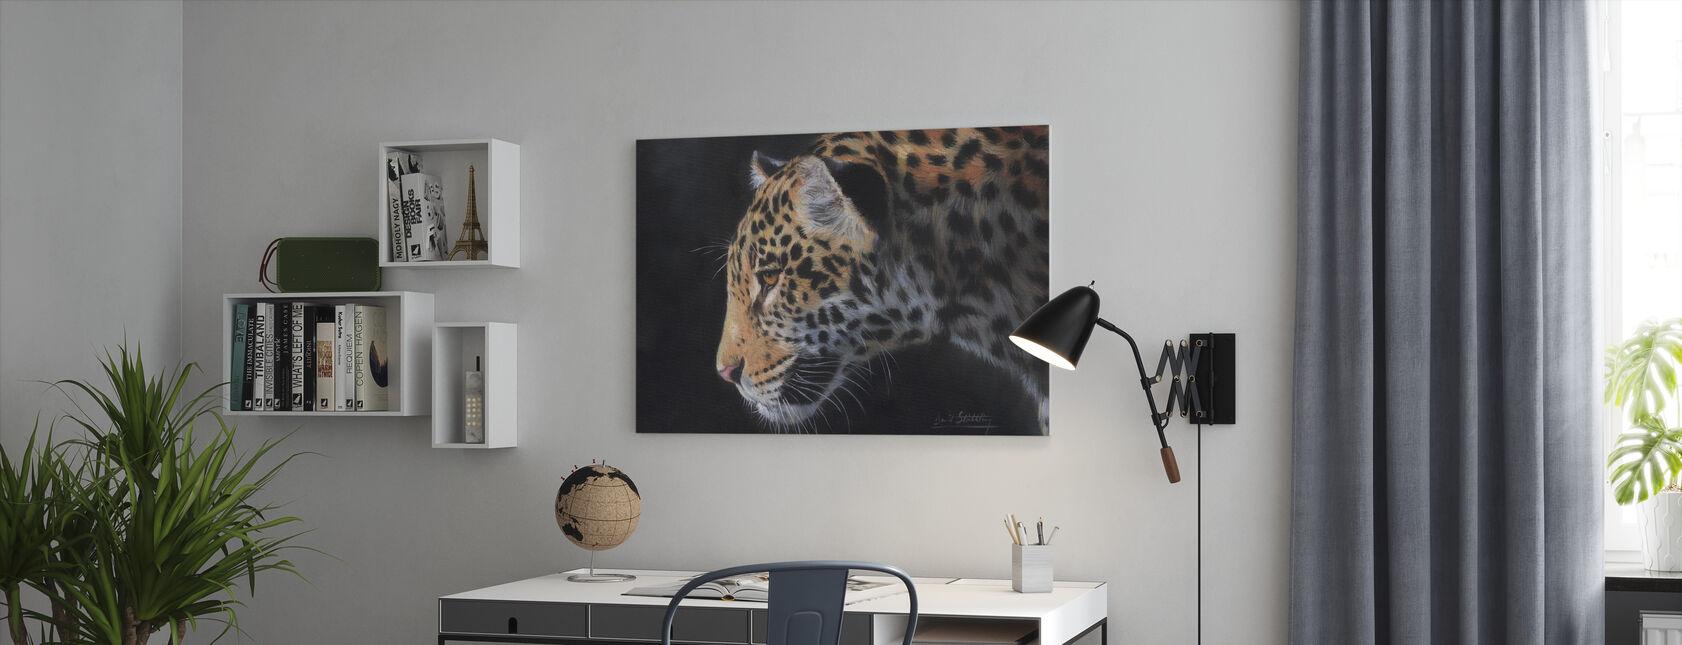 Jaguar Portrait - Canvas print - Office